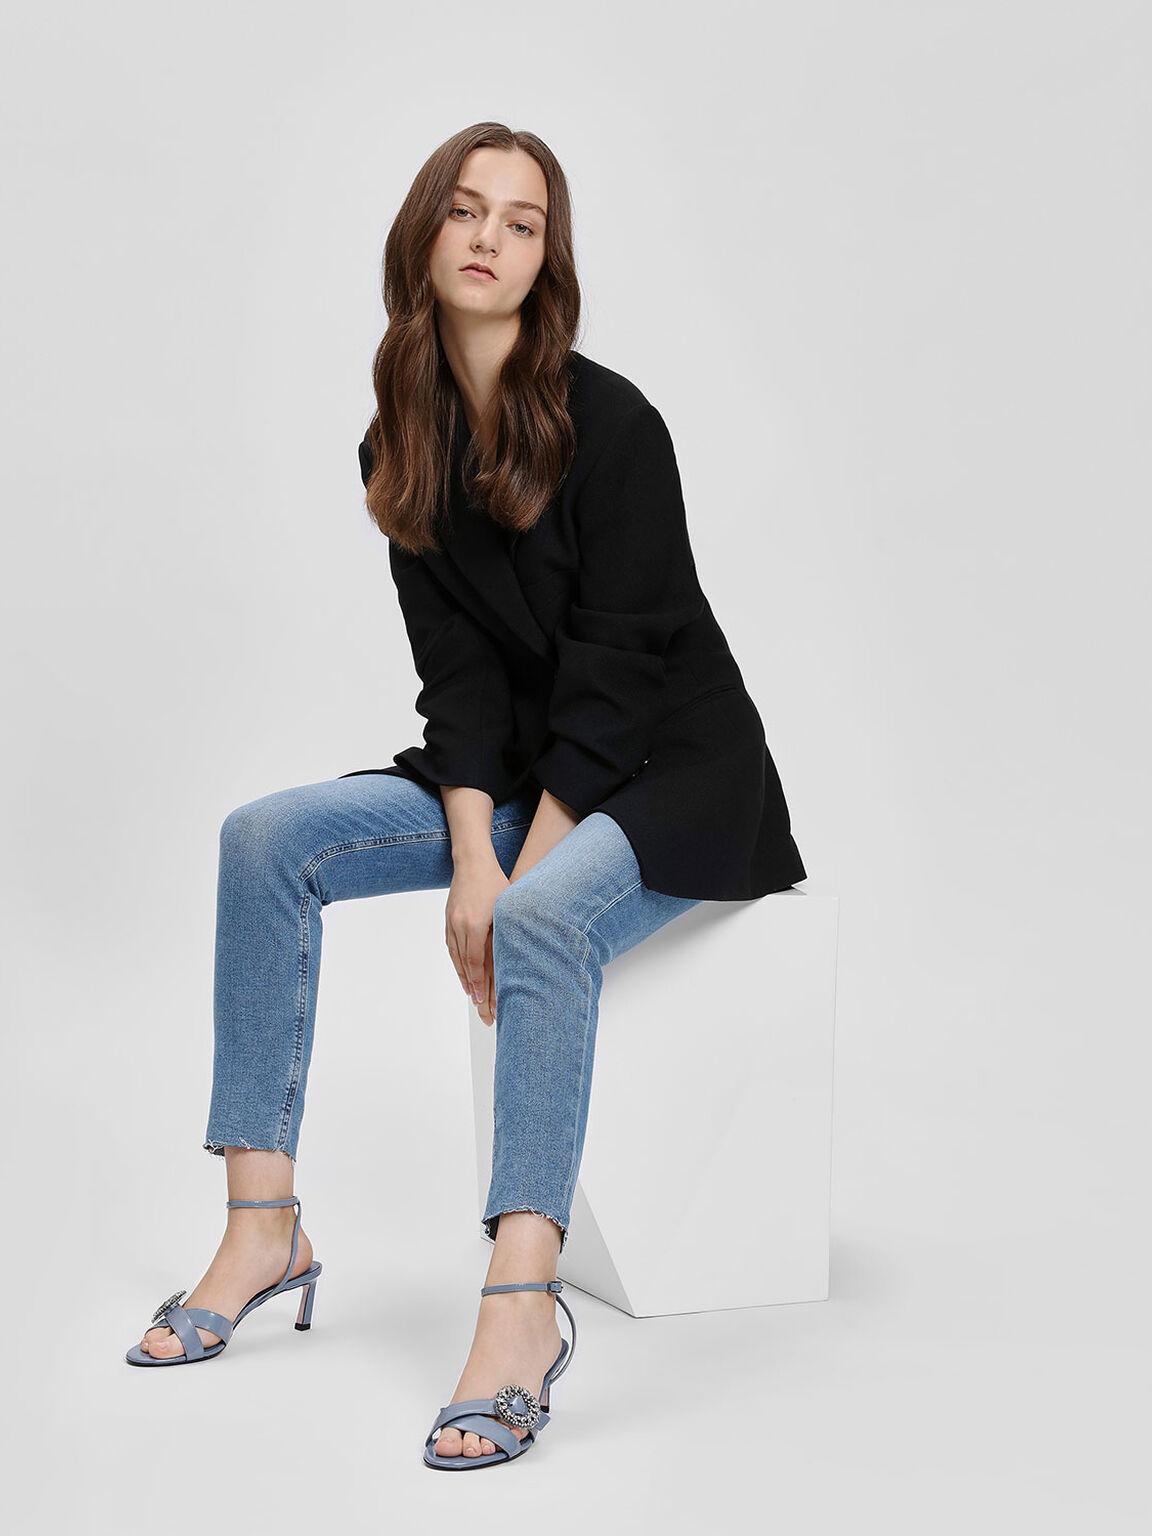 Crushed Gem Effect Buckle Leather Sandals, Light Blue, hi-res